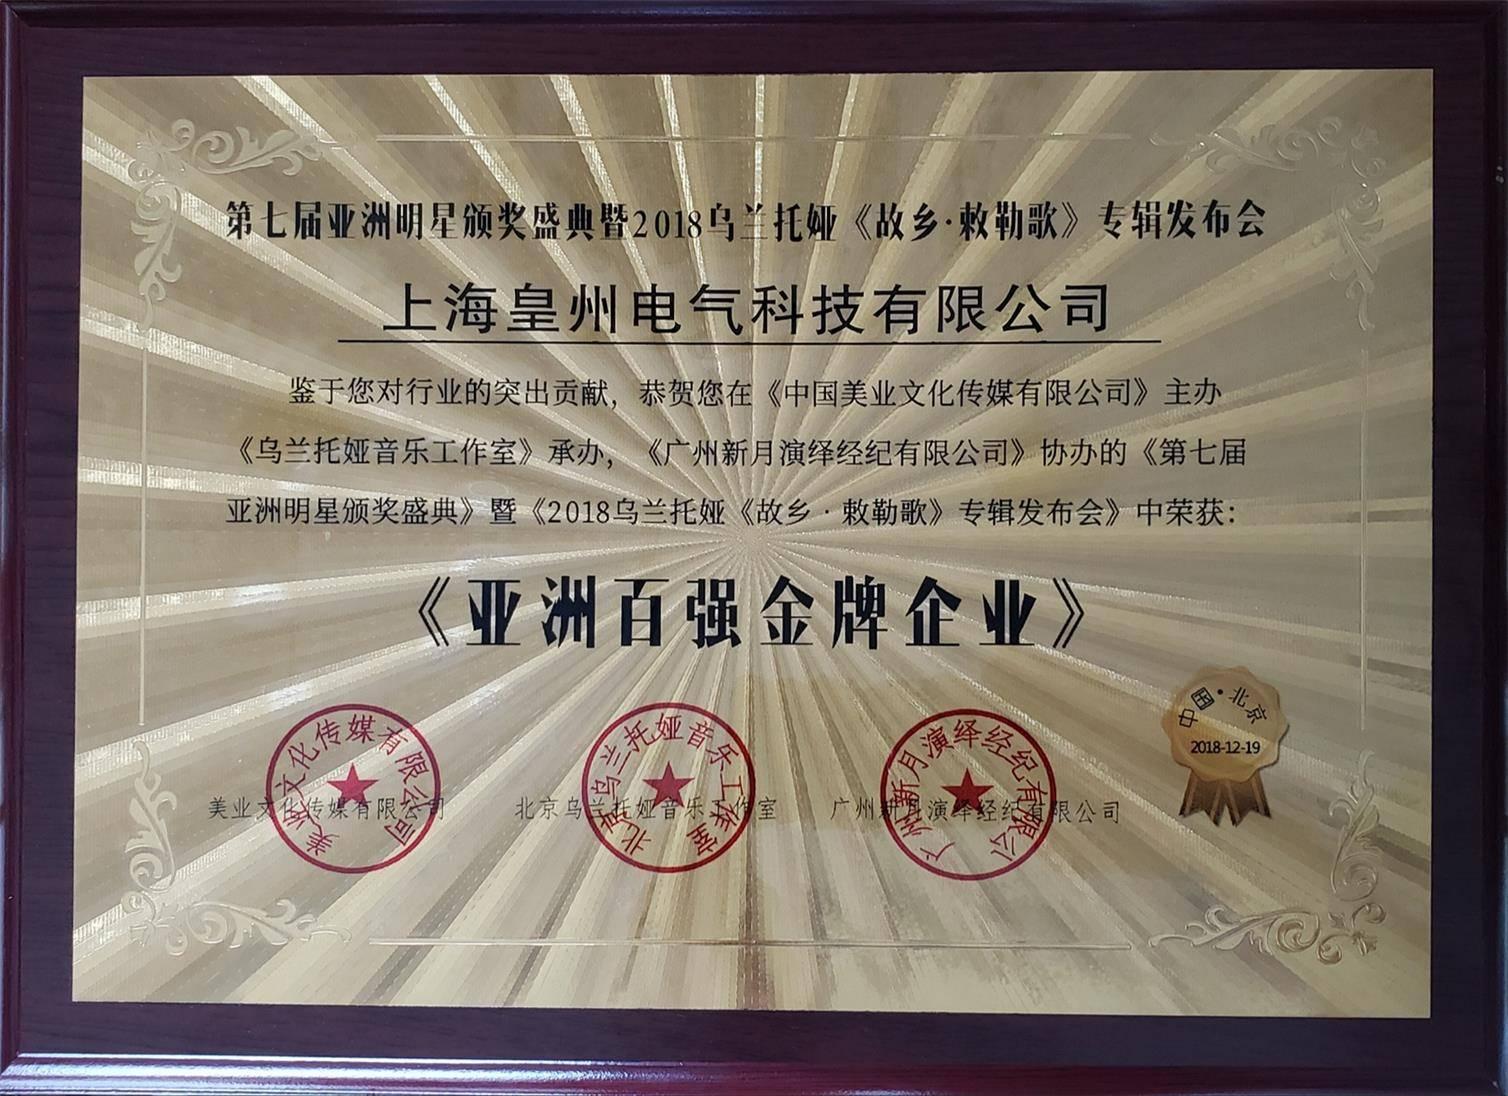 HZHOU皇洲荣获亚洲百强金牌企业